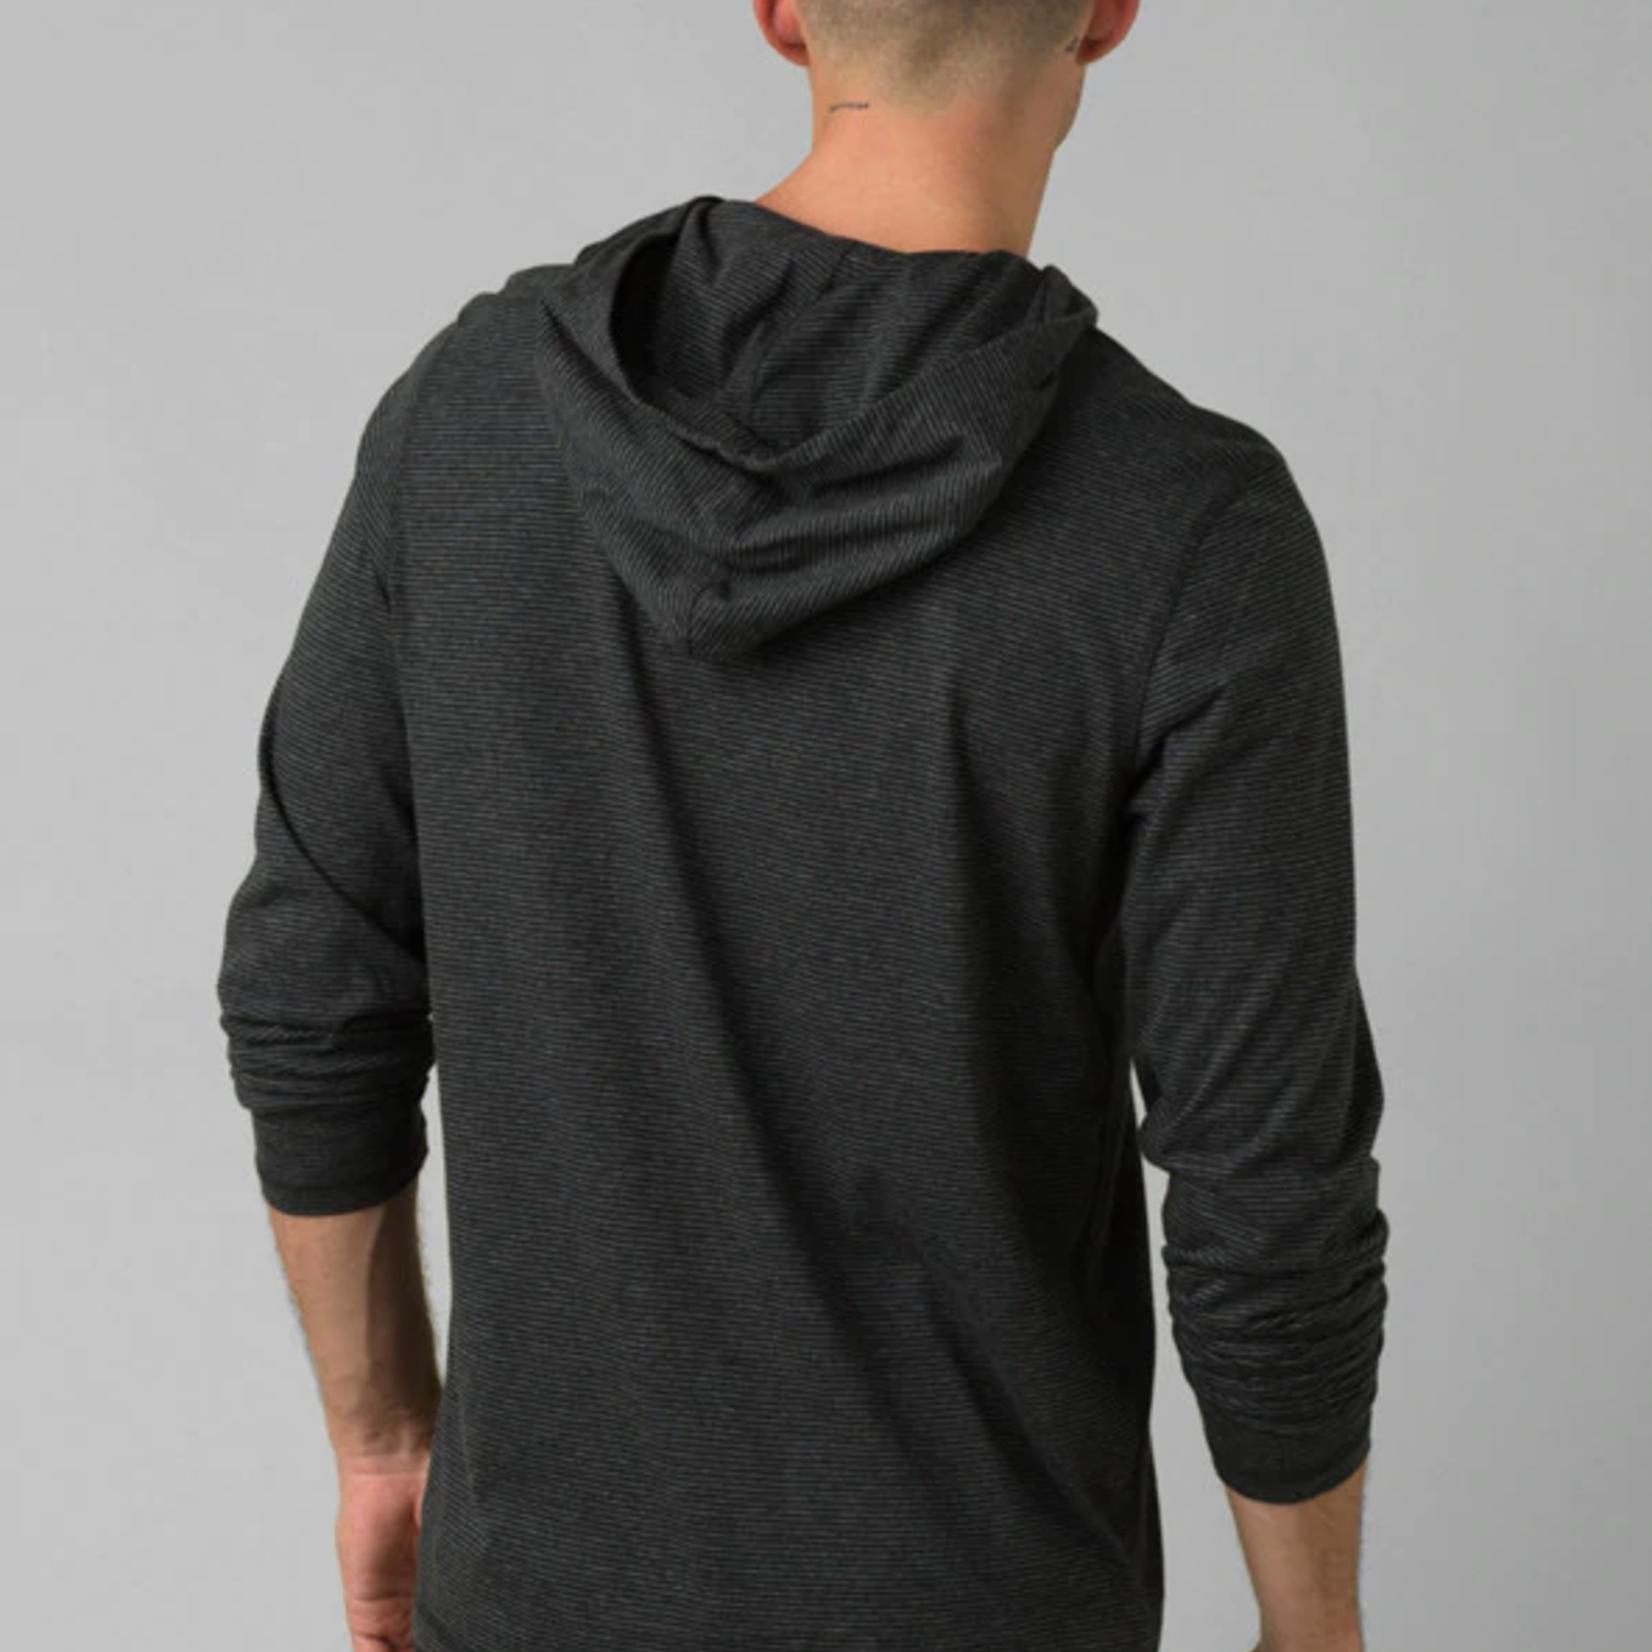 Prana Prana Hooded T-Shirt